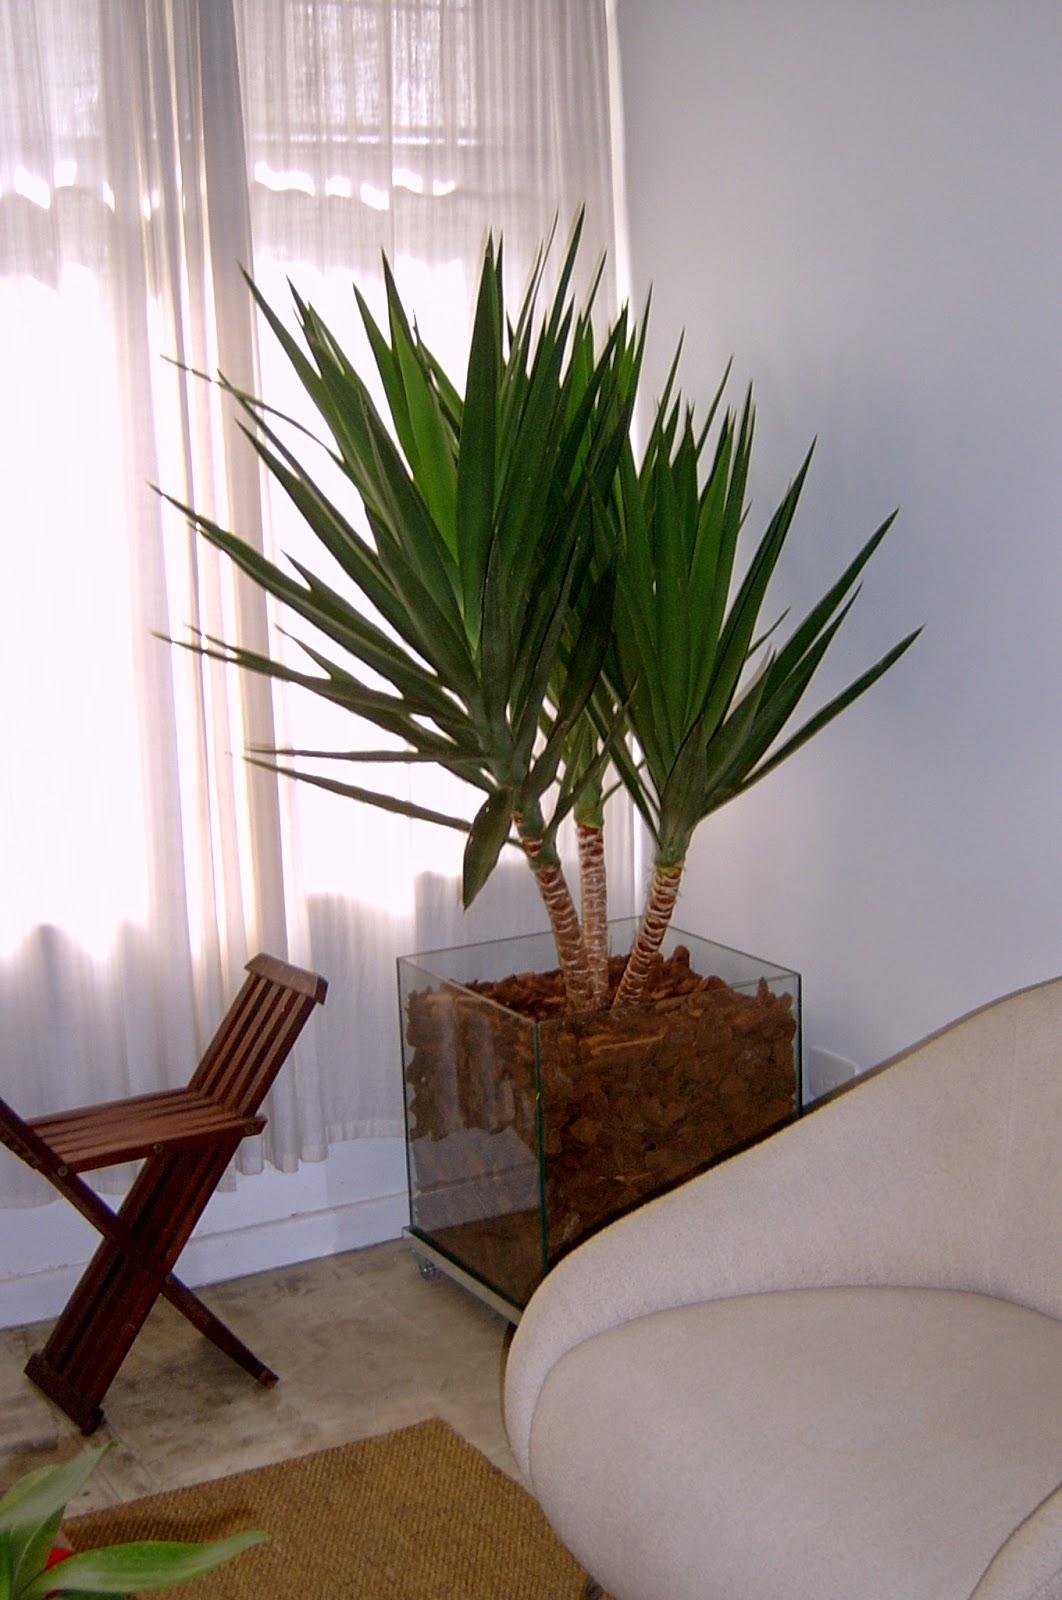 Blog Amor Perfeito: Plantas para ter dentro de casa  #475C18 1062x1600